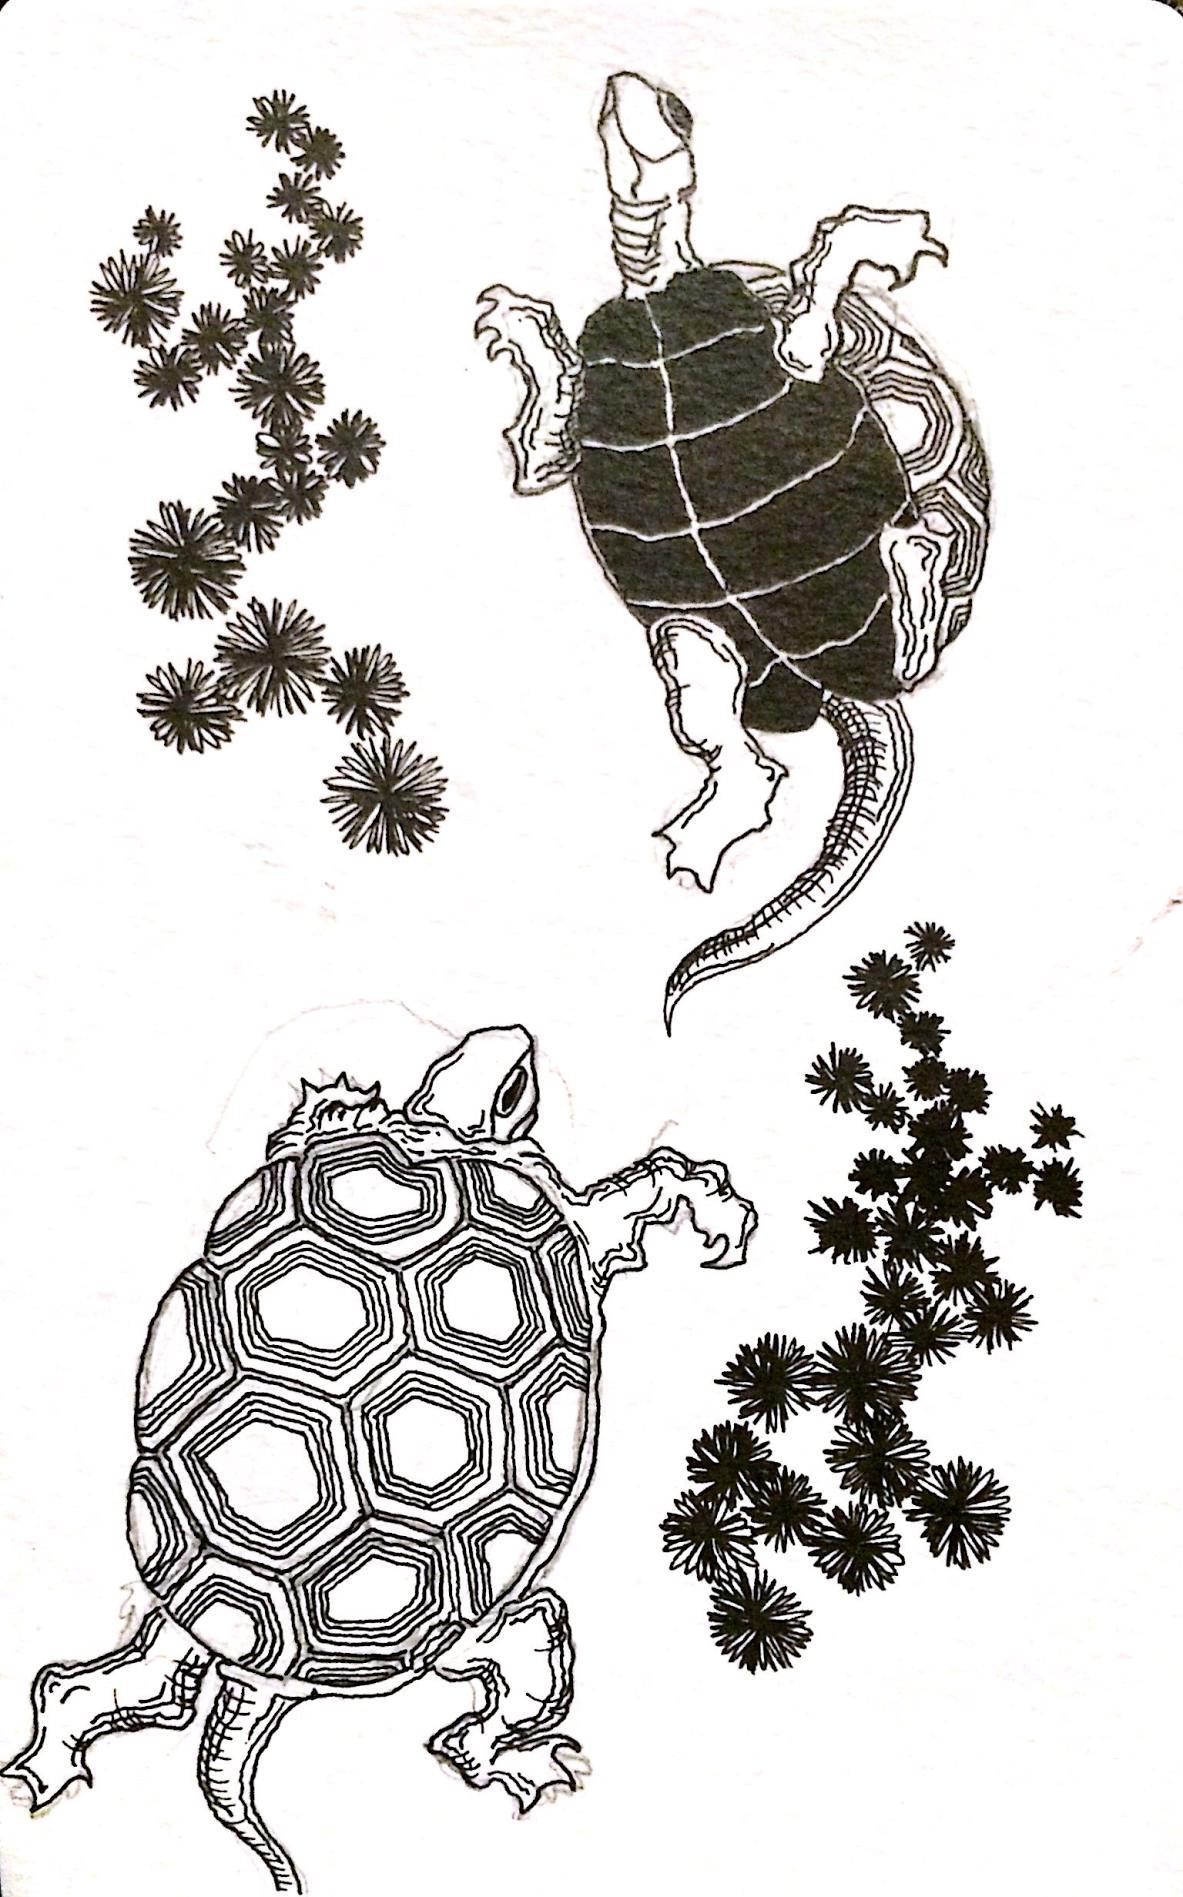 Hokusai's Turtles